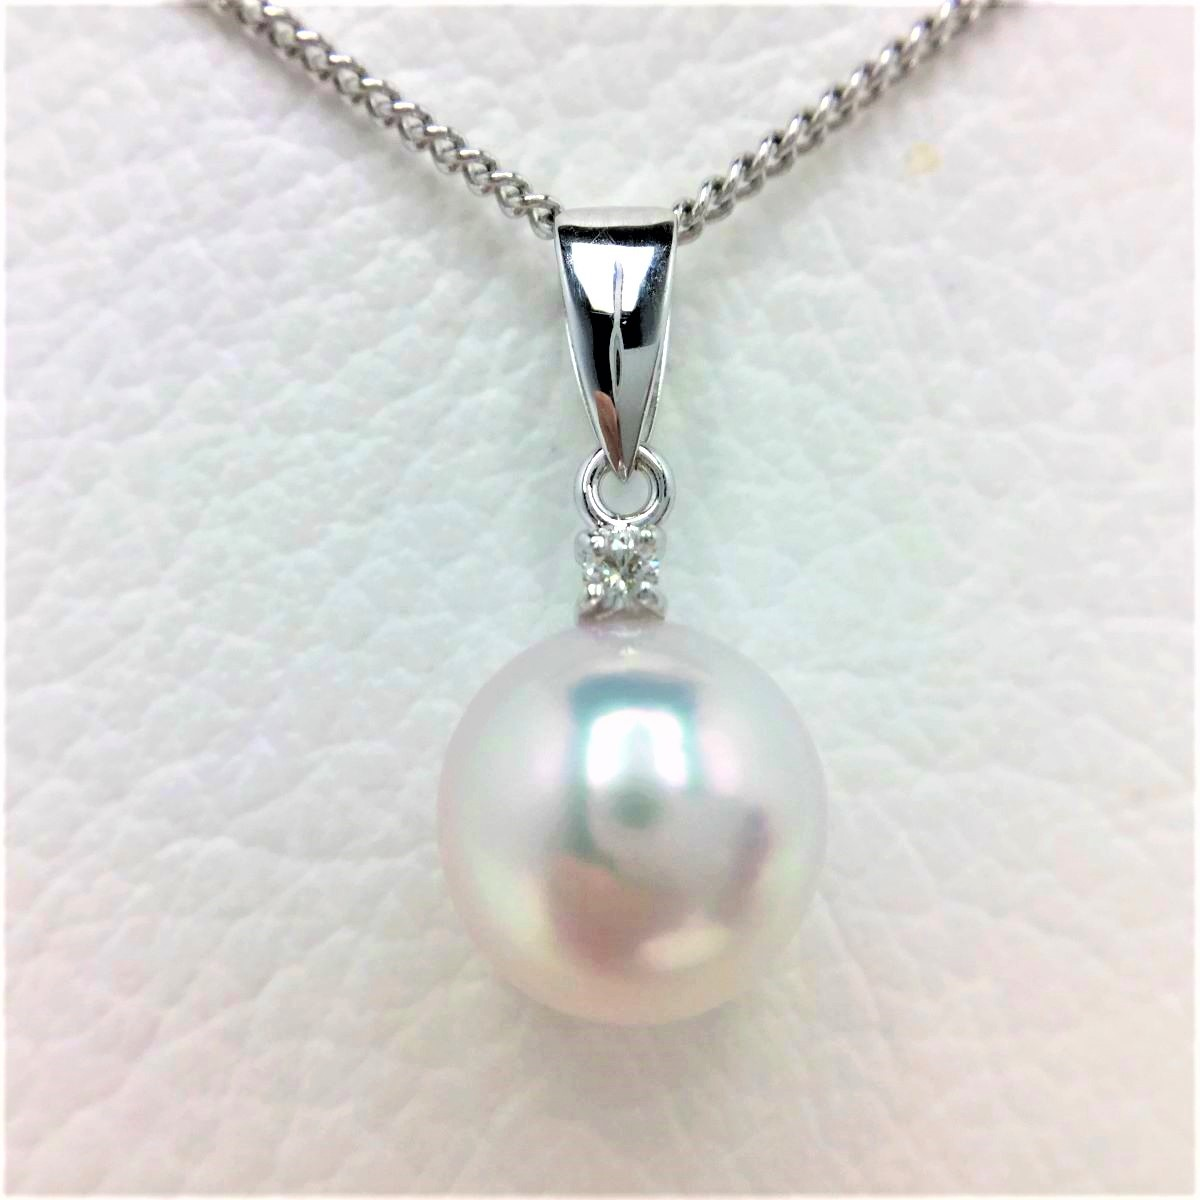 真珠 ペンダントトップ パール アコヤ真珠 9.28mm ホワイトピンク K18 ホワイトゴールド ダイヤモンド 0.03ct 66992 イソワパール